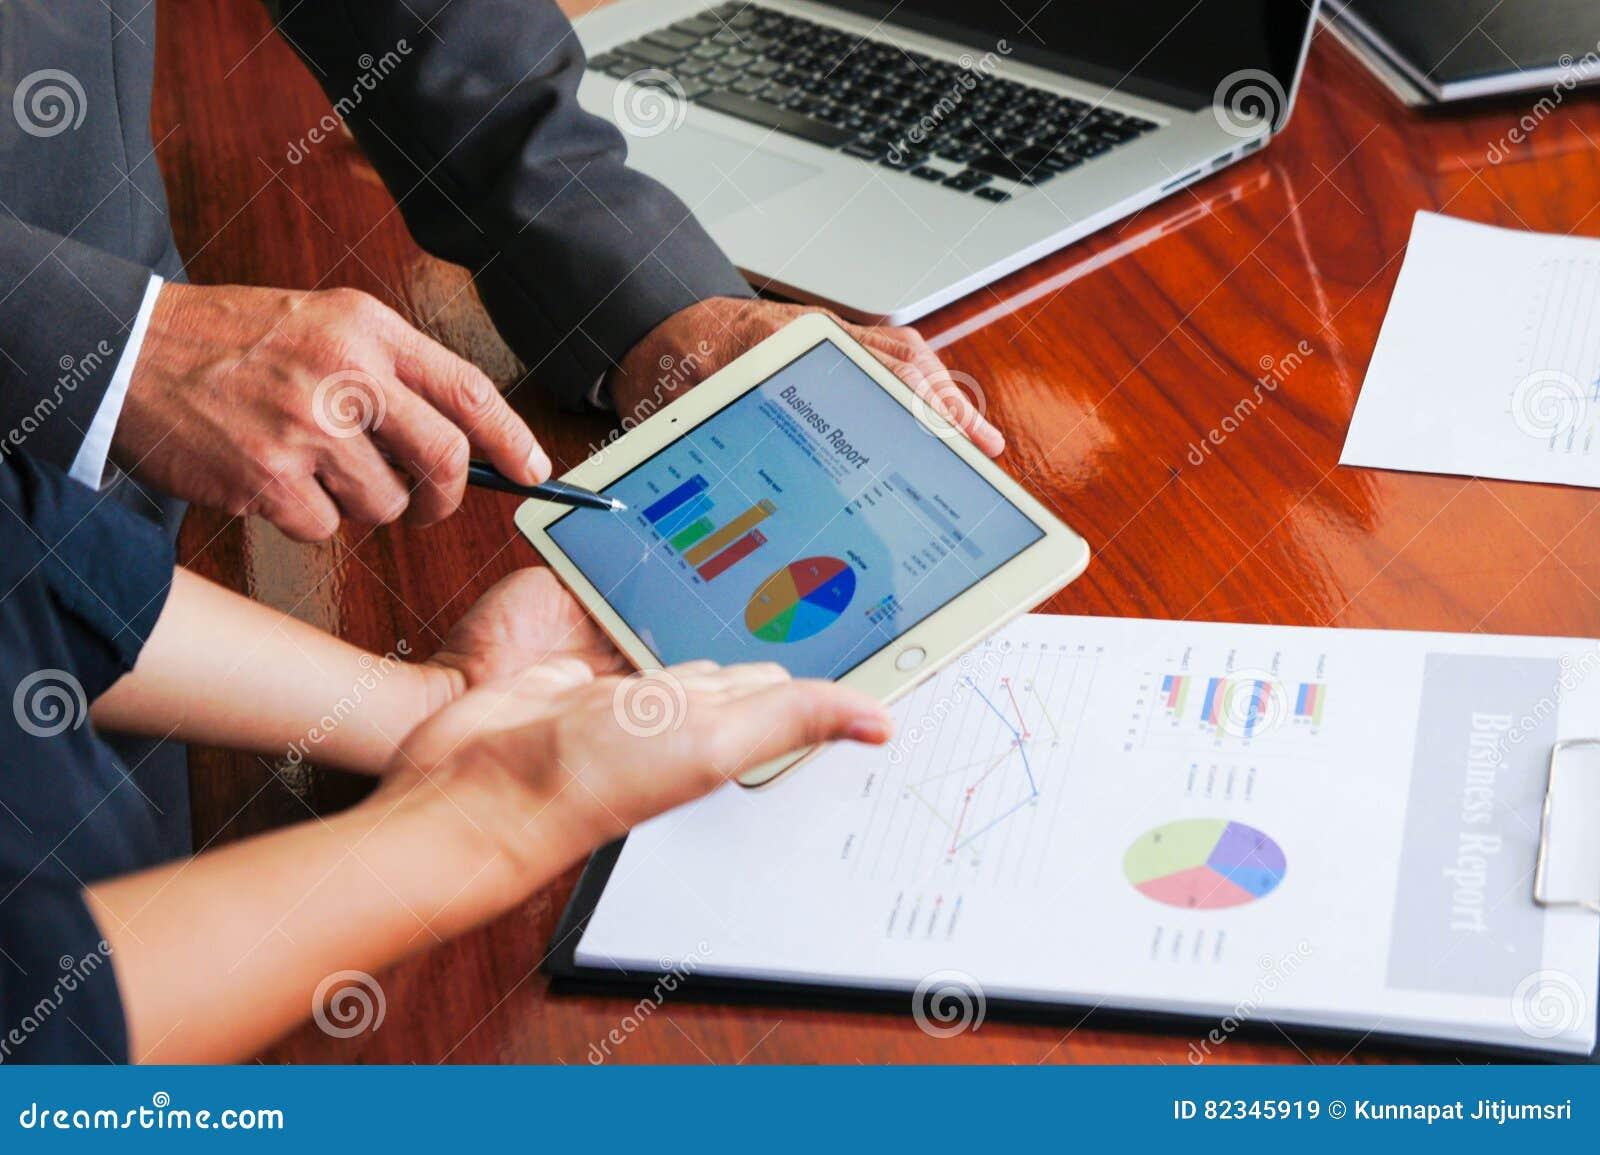 Επιχειρησιακές συνεδριάσεις, έγγραφα, ανάλυση πωλήσεων, αποτελέσματα ανάλυσης